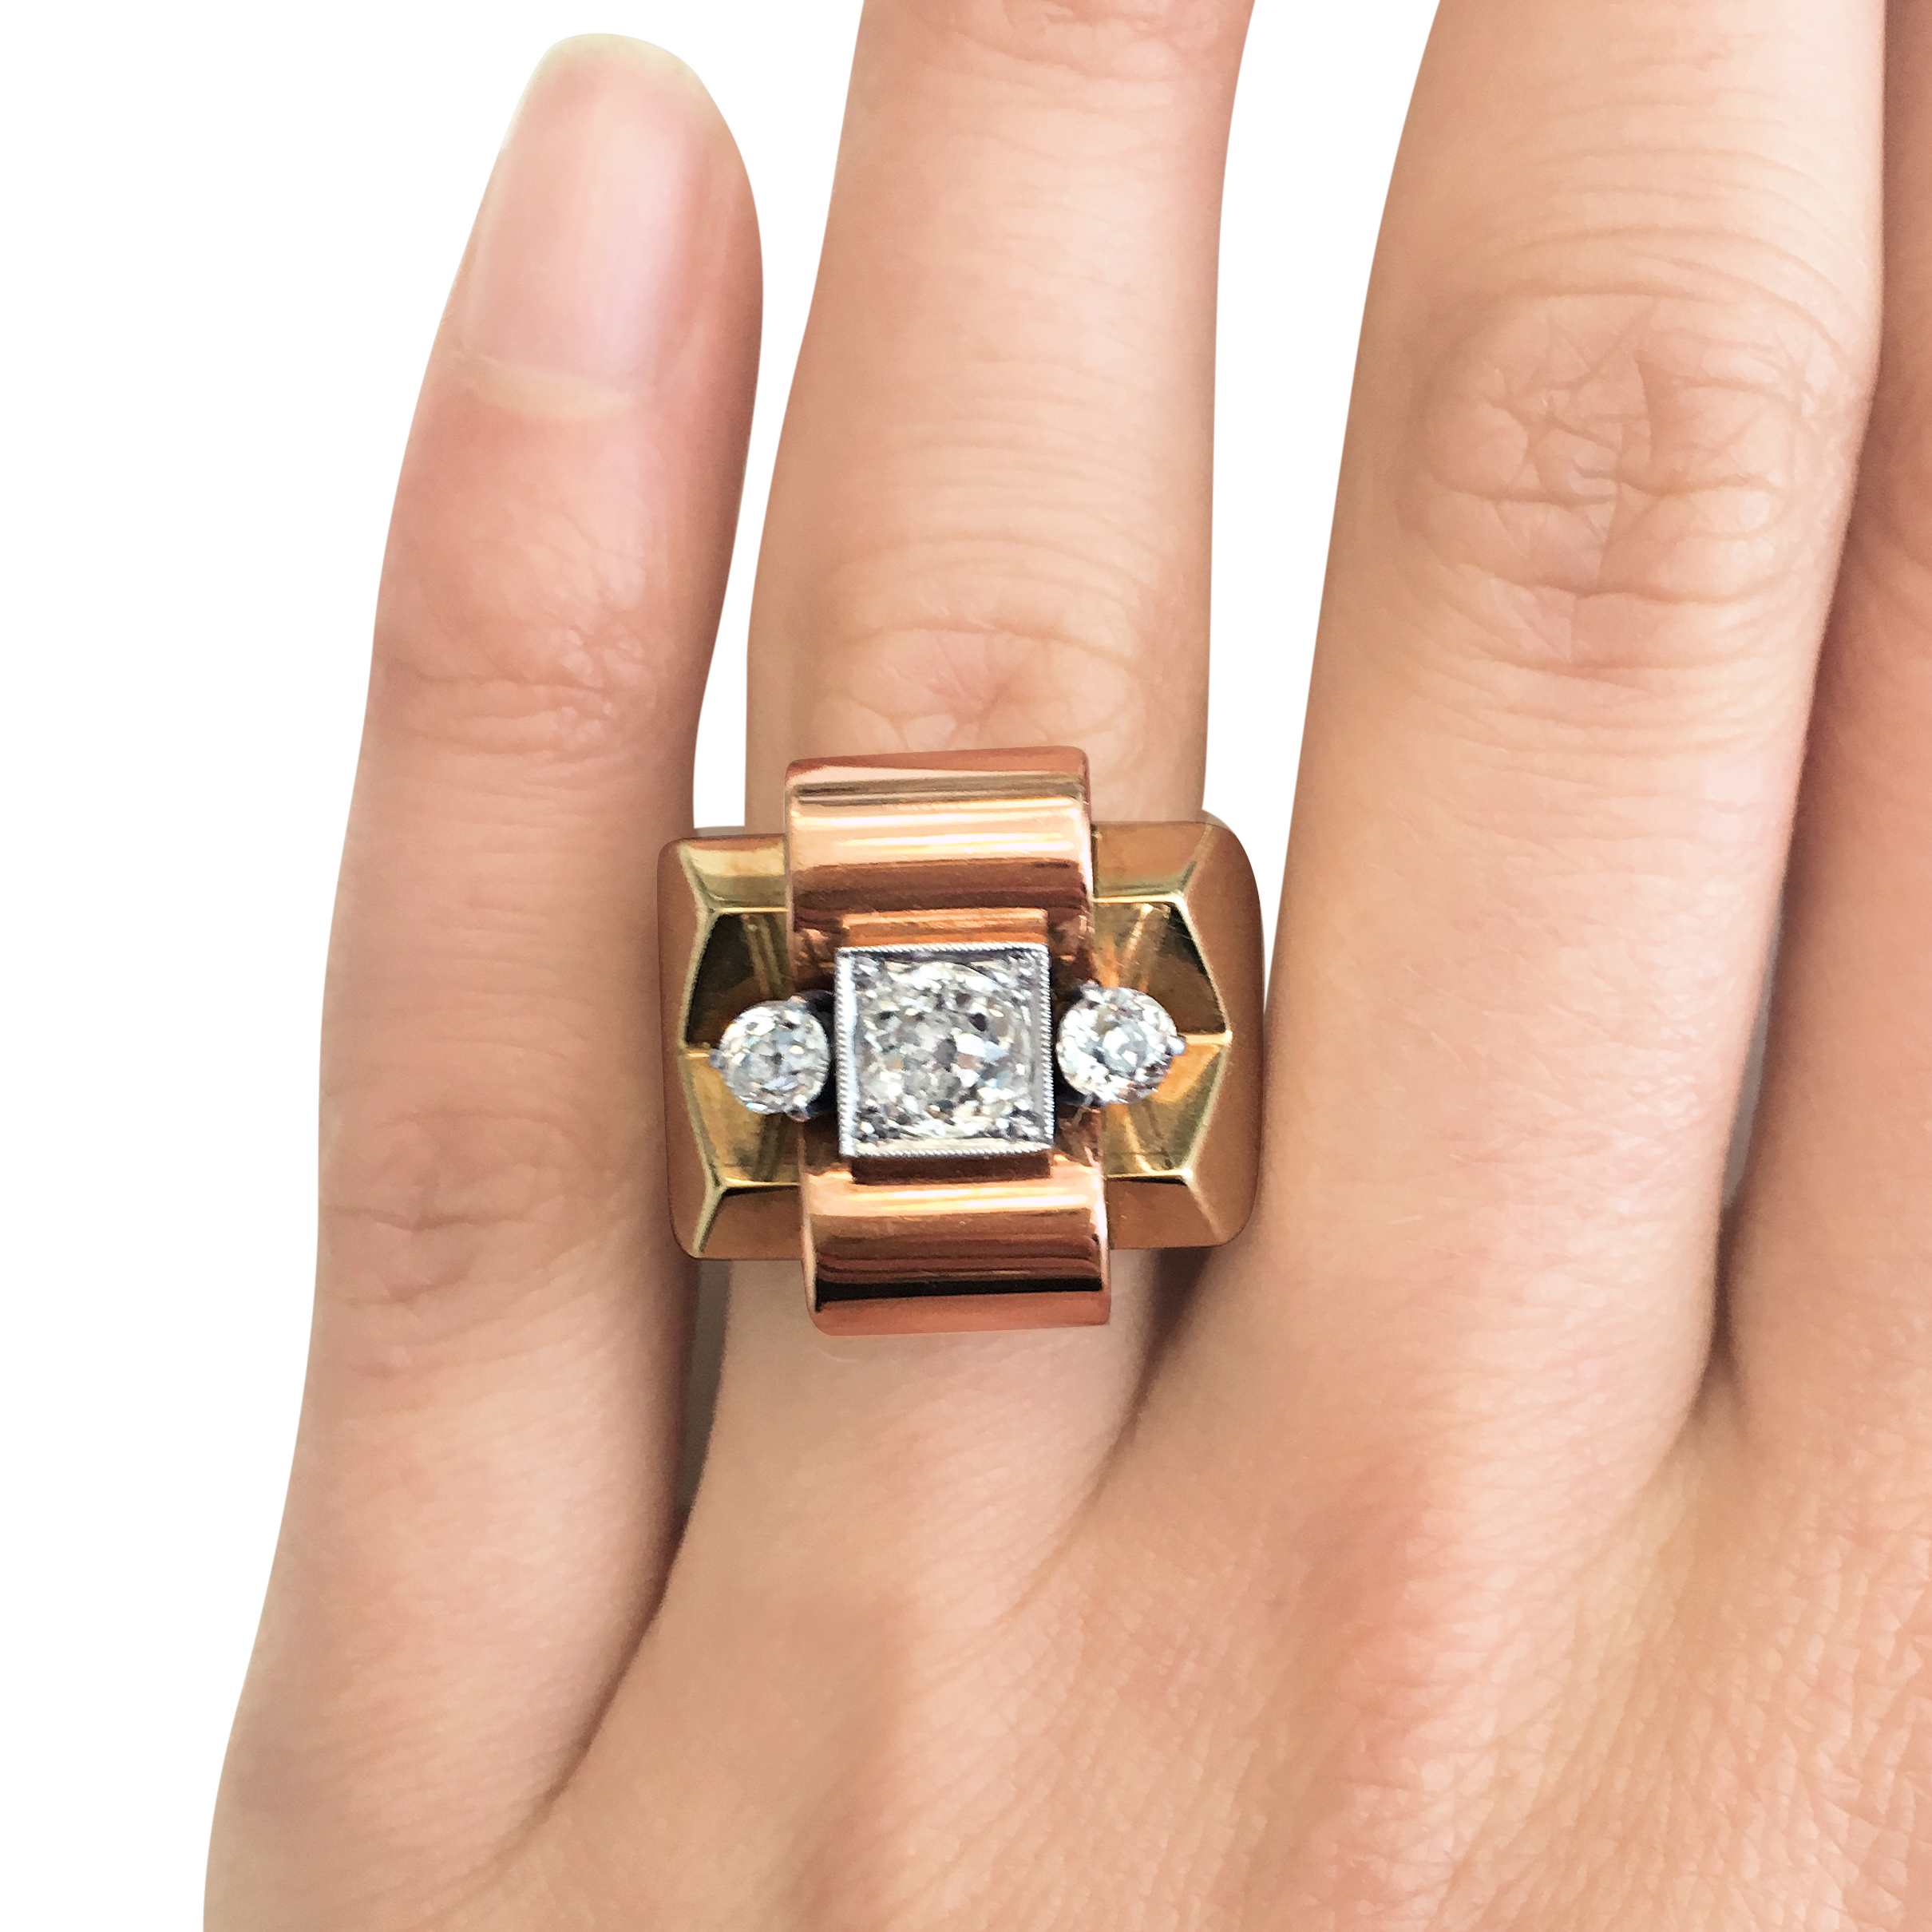 1950s three-stone diamond geometric ring hand shot